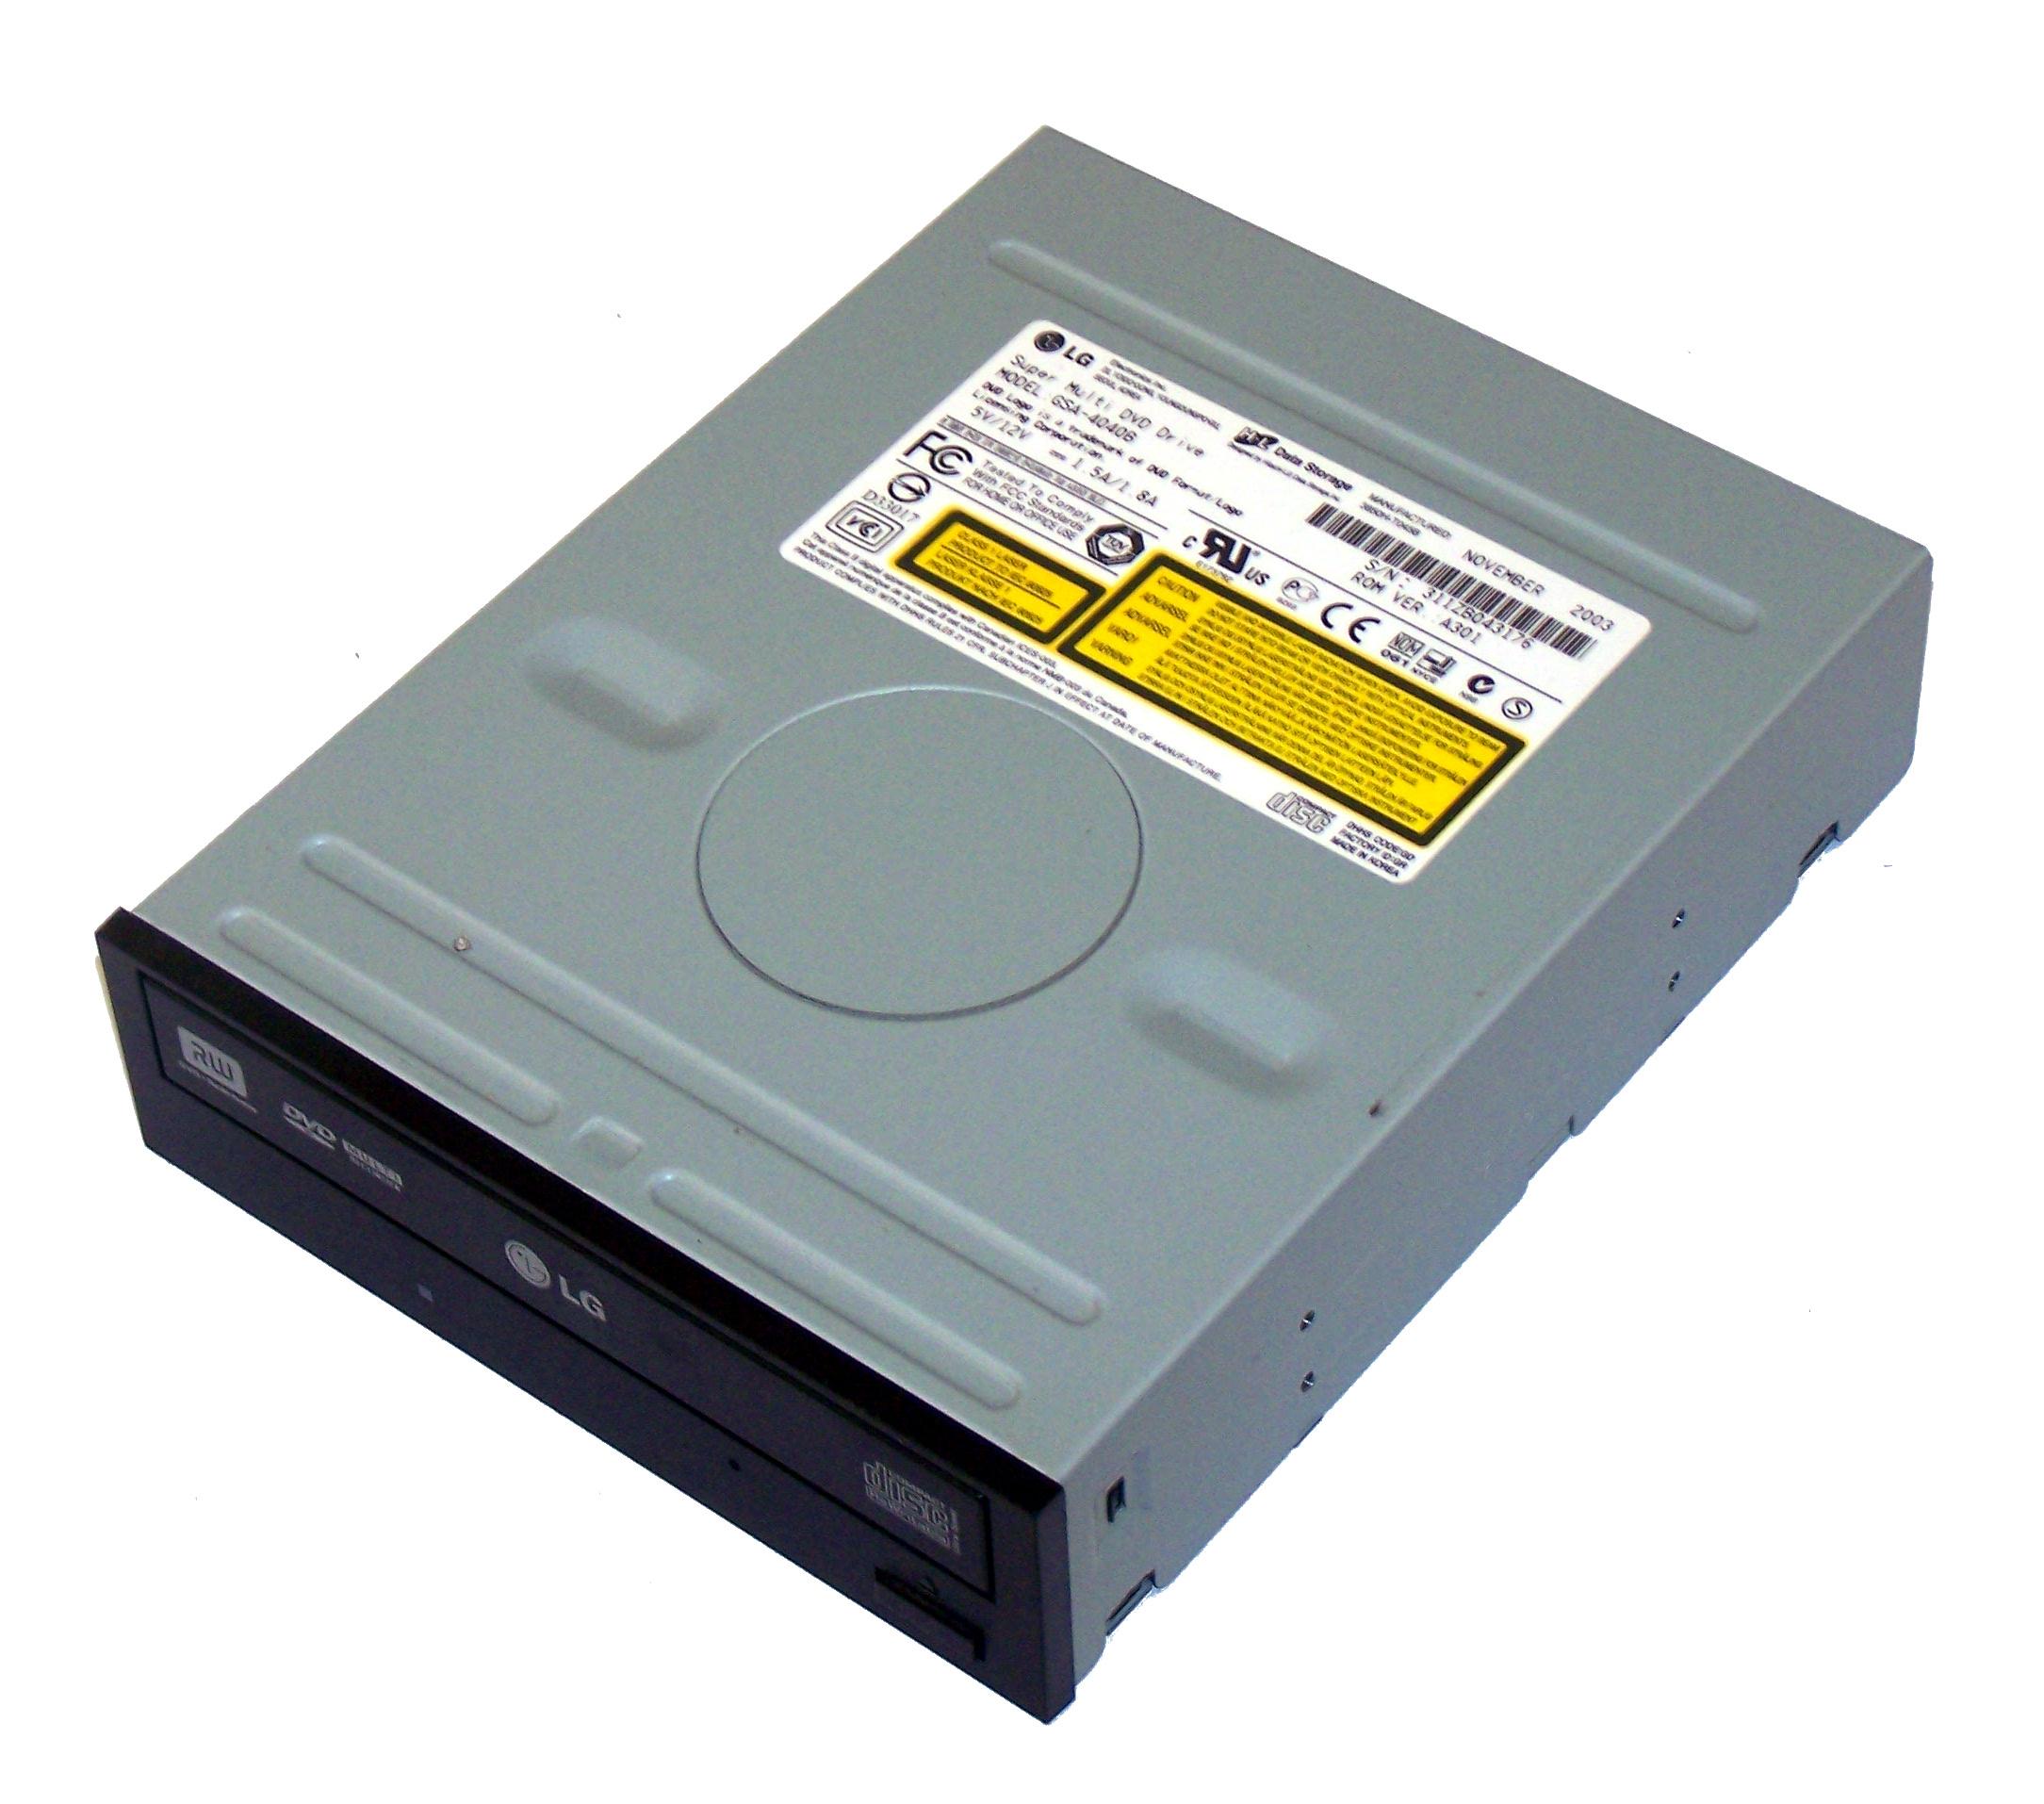 HL Data LG GSA-4040B Black Bezel ATA H/H DVD-RW Super Multi Drive Thumbnail 1